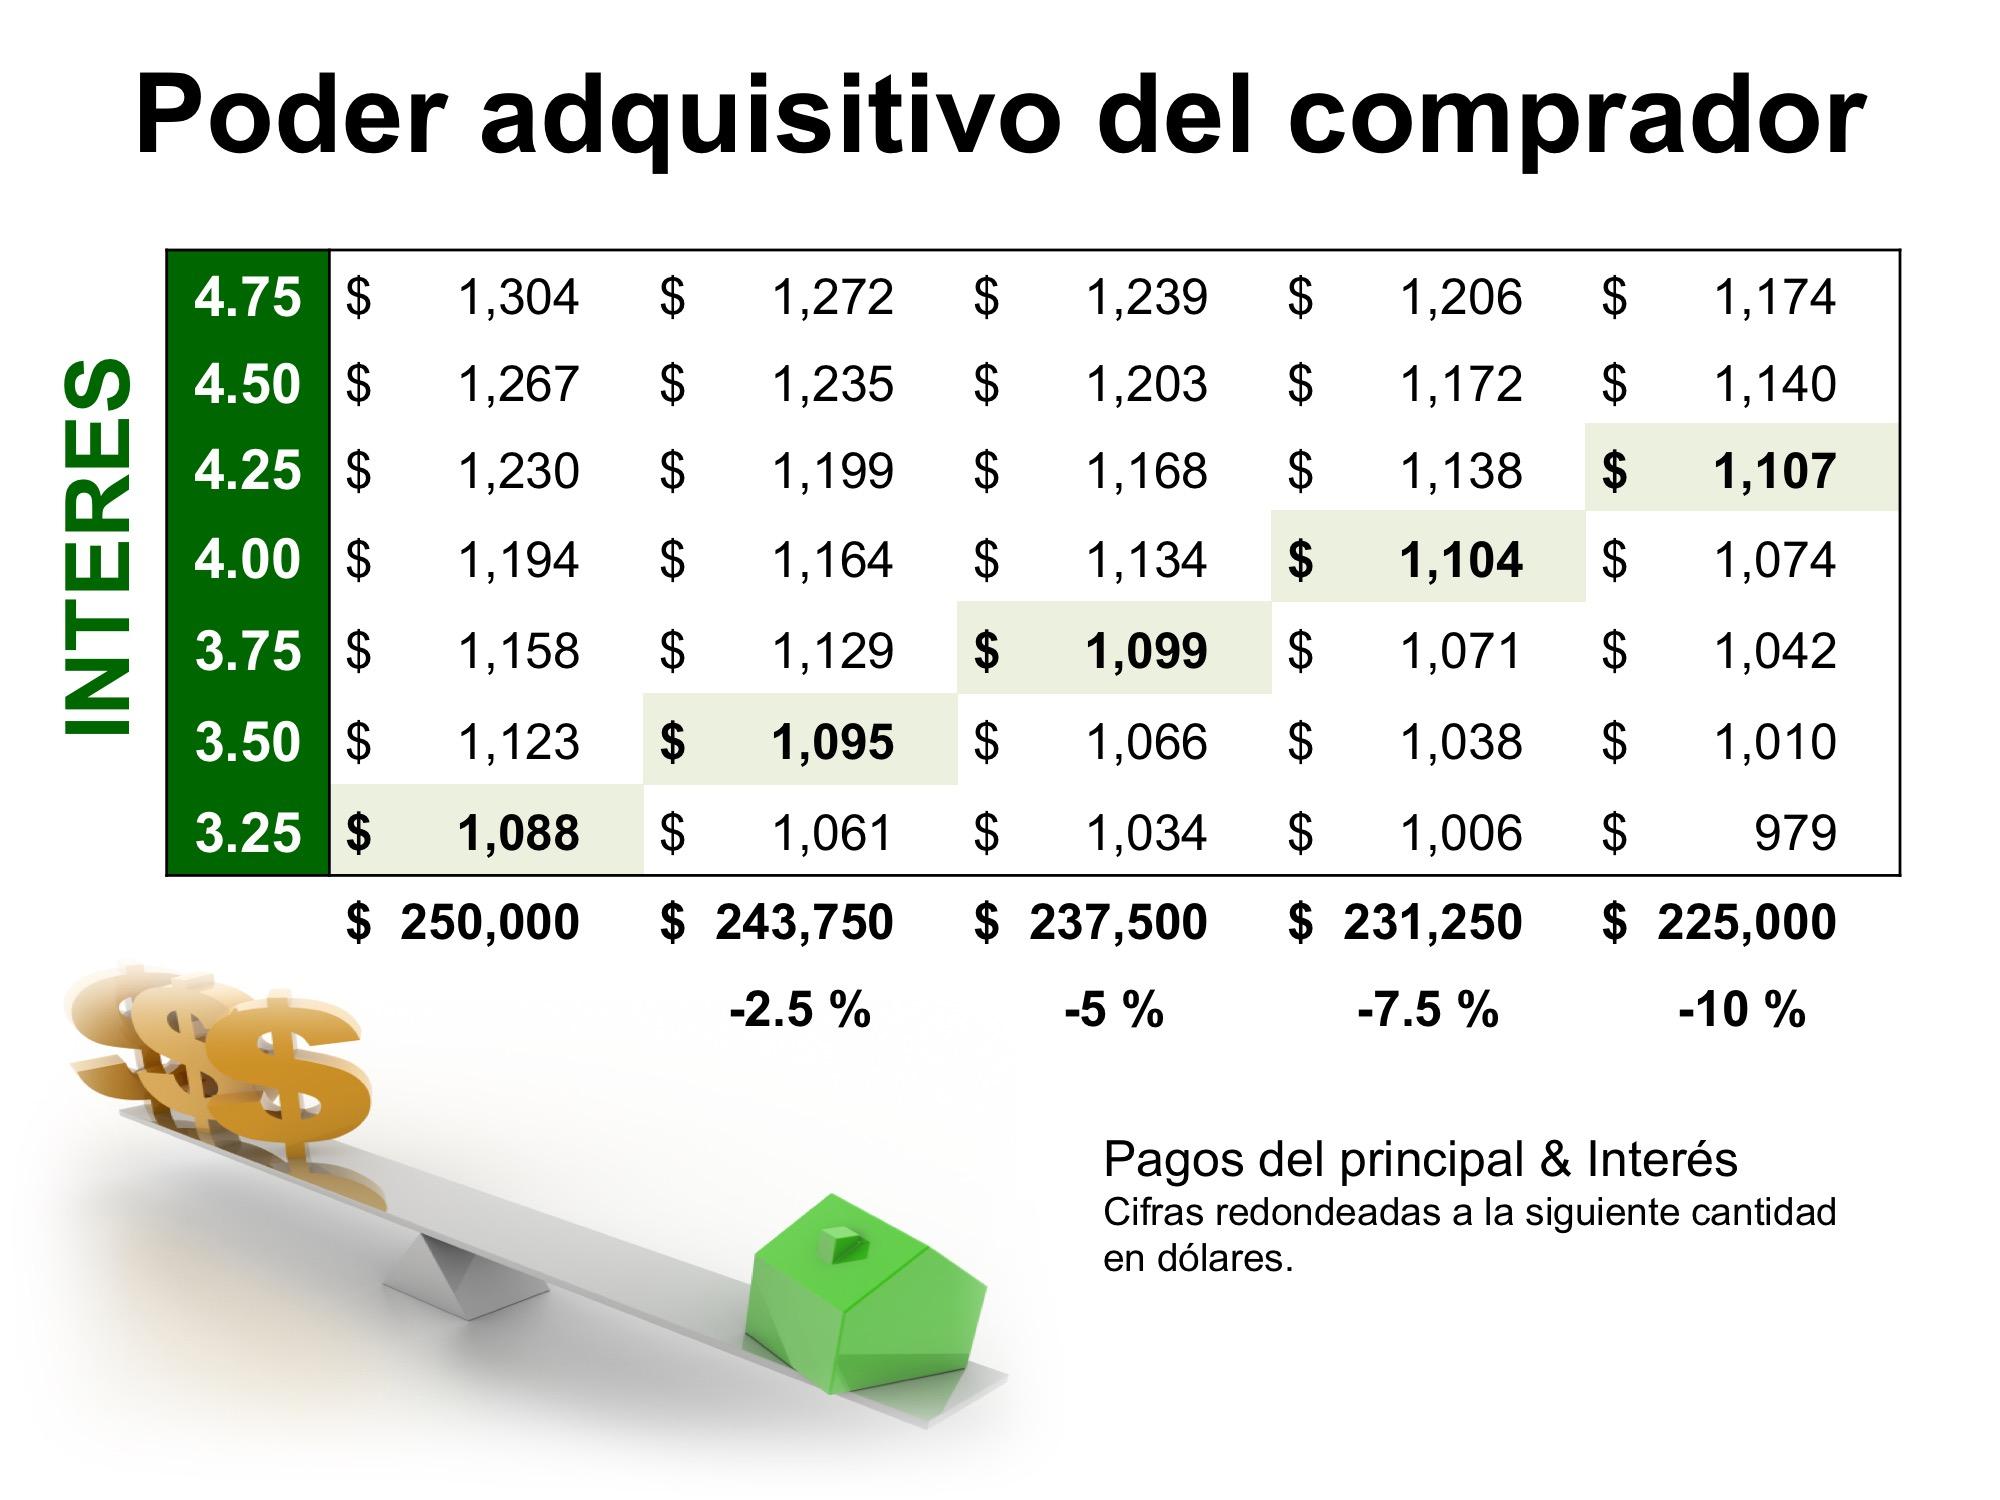 Cómo las tasas de interés bajas aumentan su poder adquisitivo | Simplifying The Market